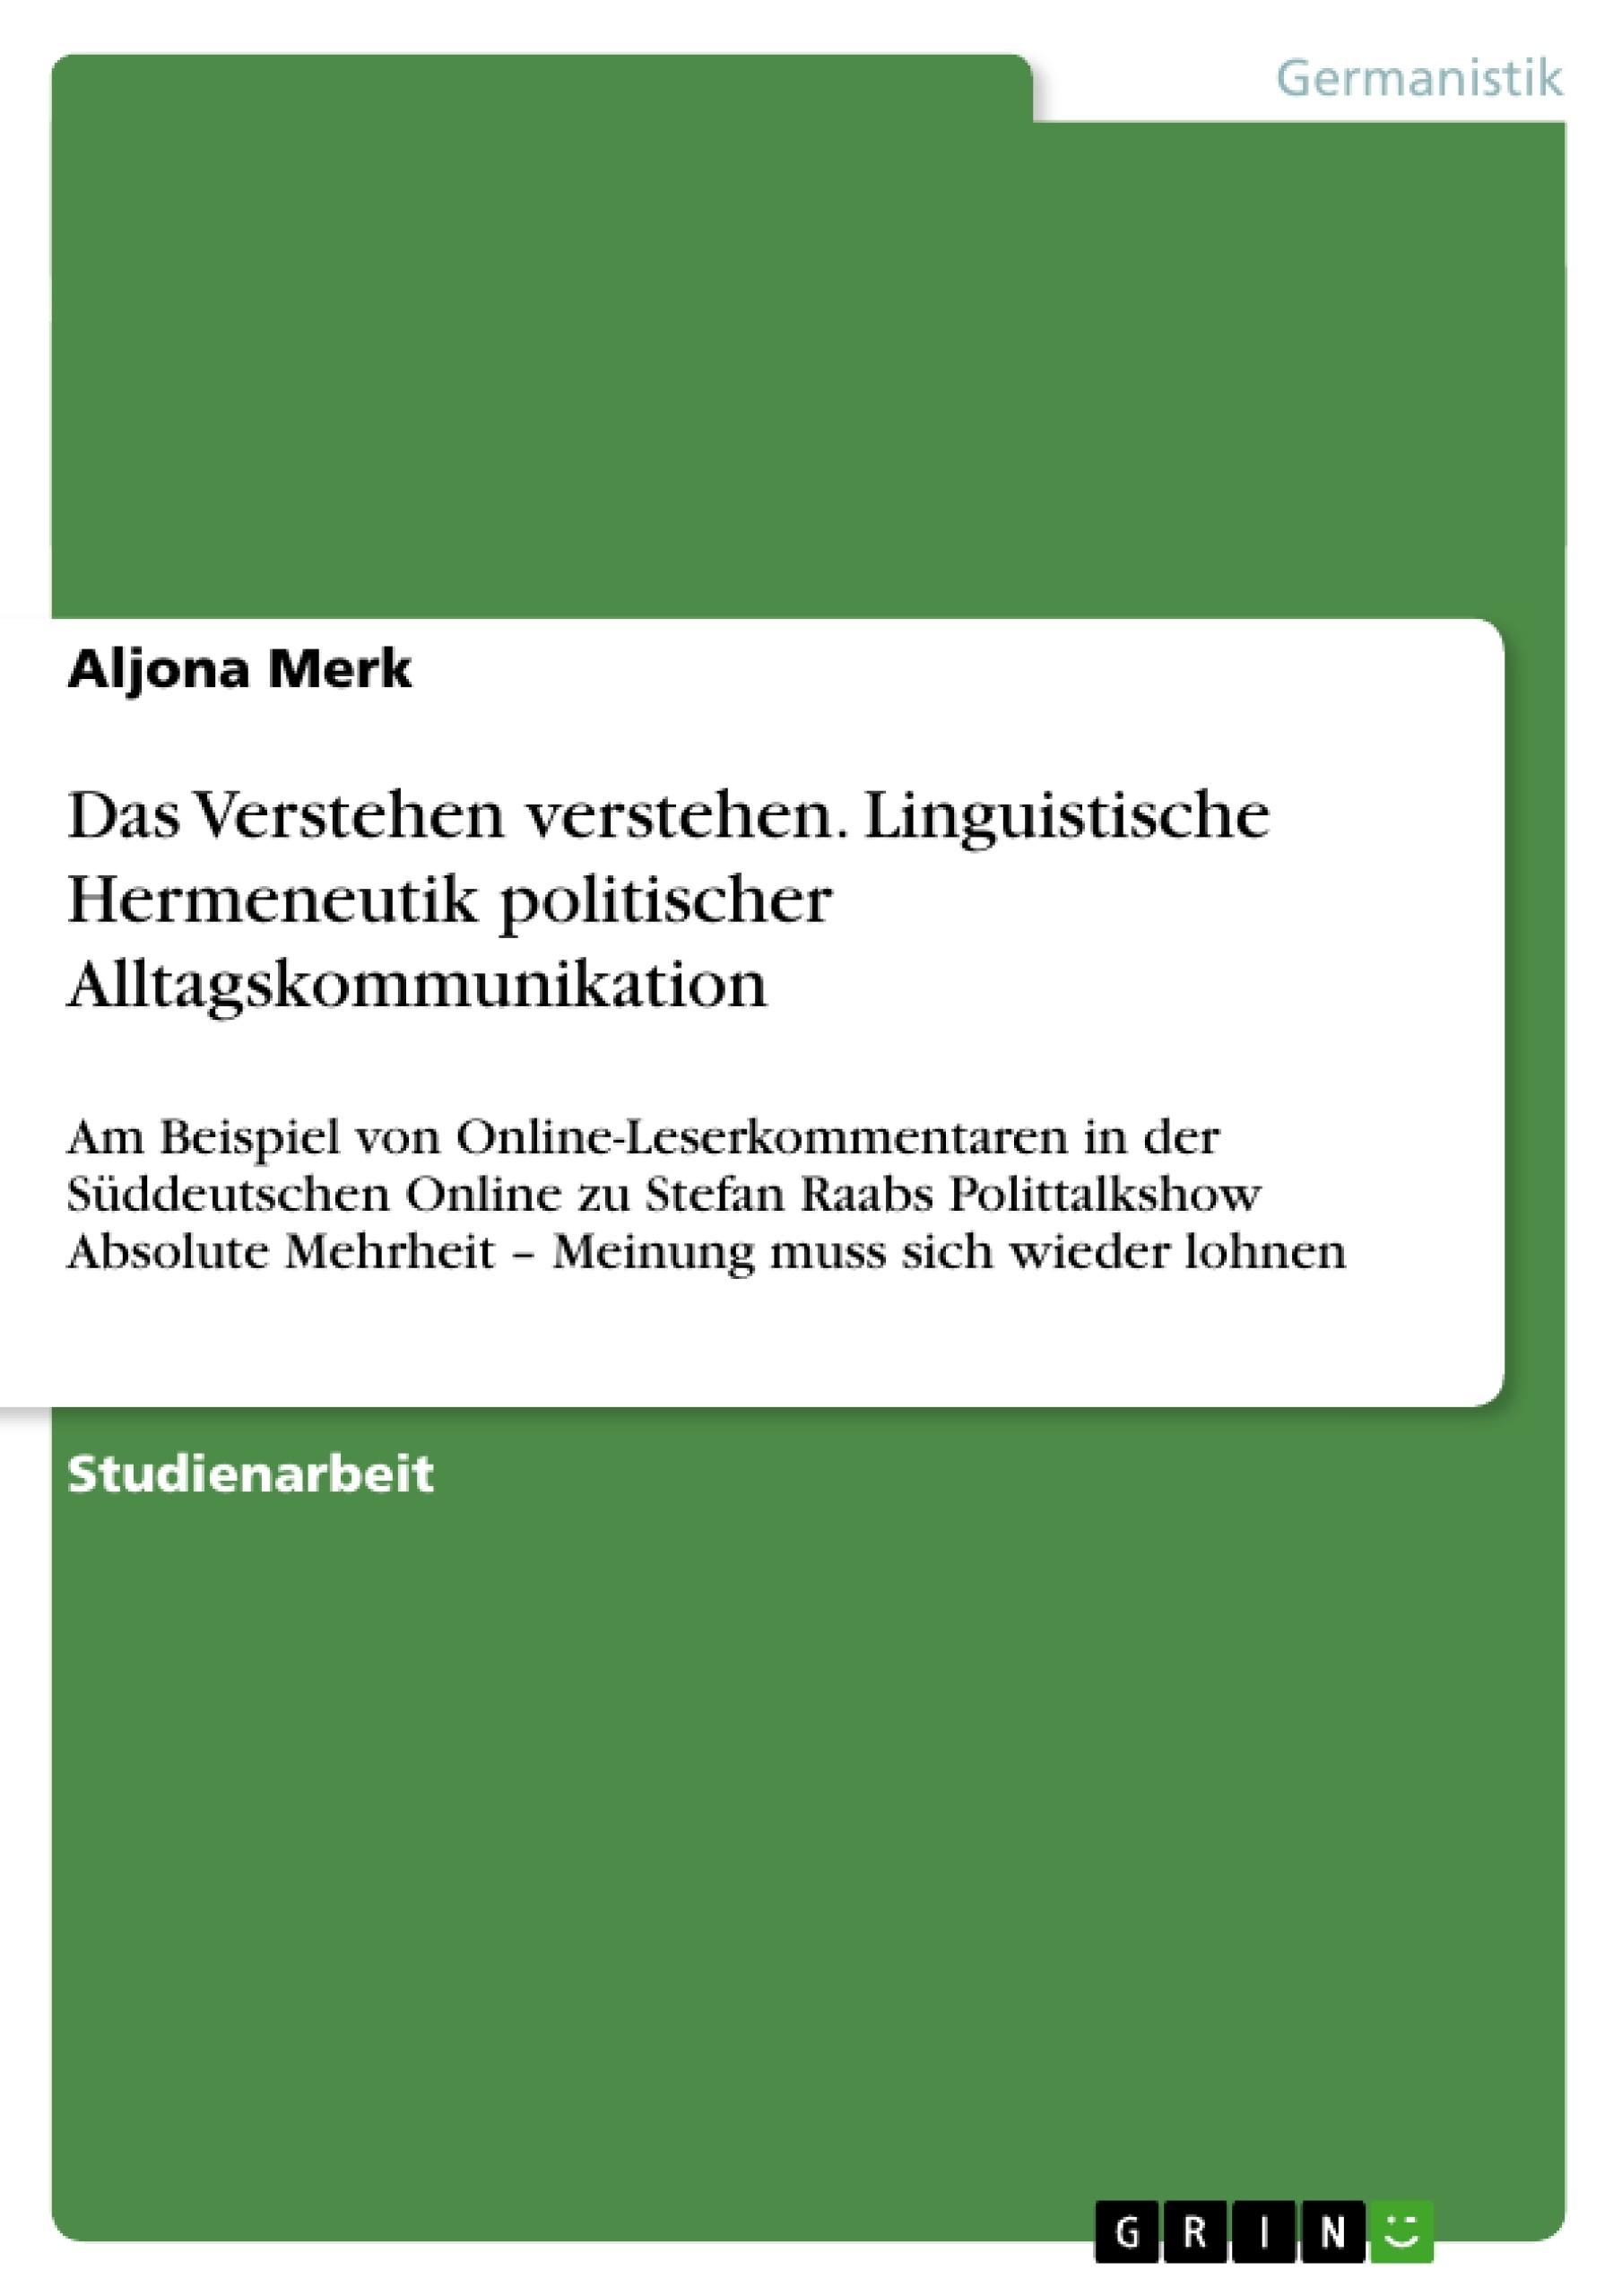 Titel: Das Verstehen verstehen. Linguistische Hermeneutik politischer Alltagskommunikation